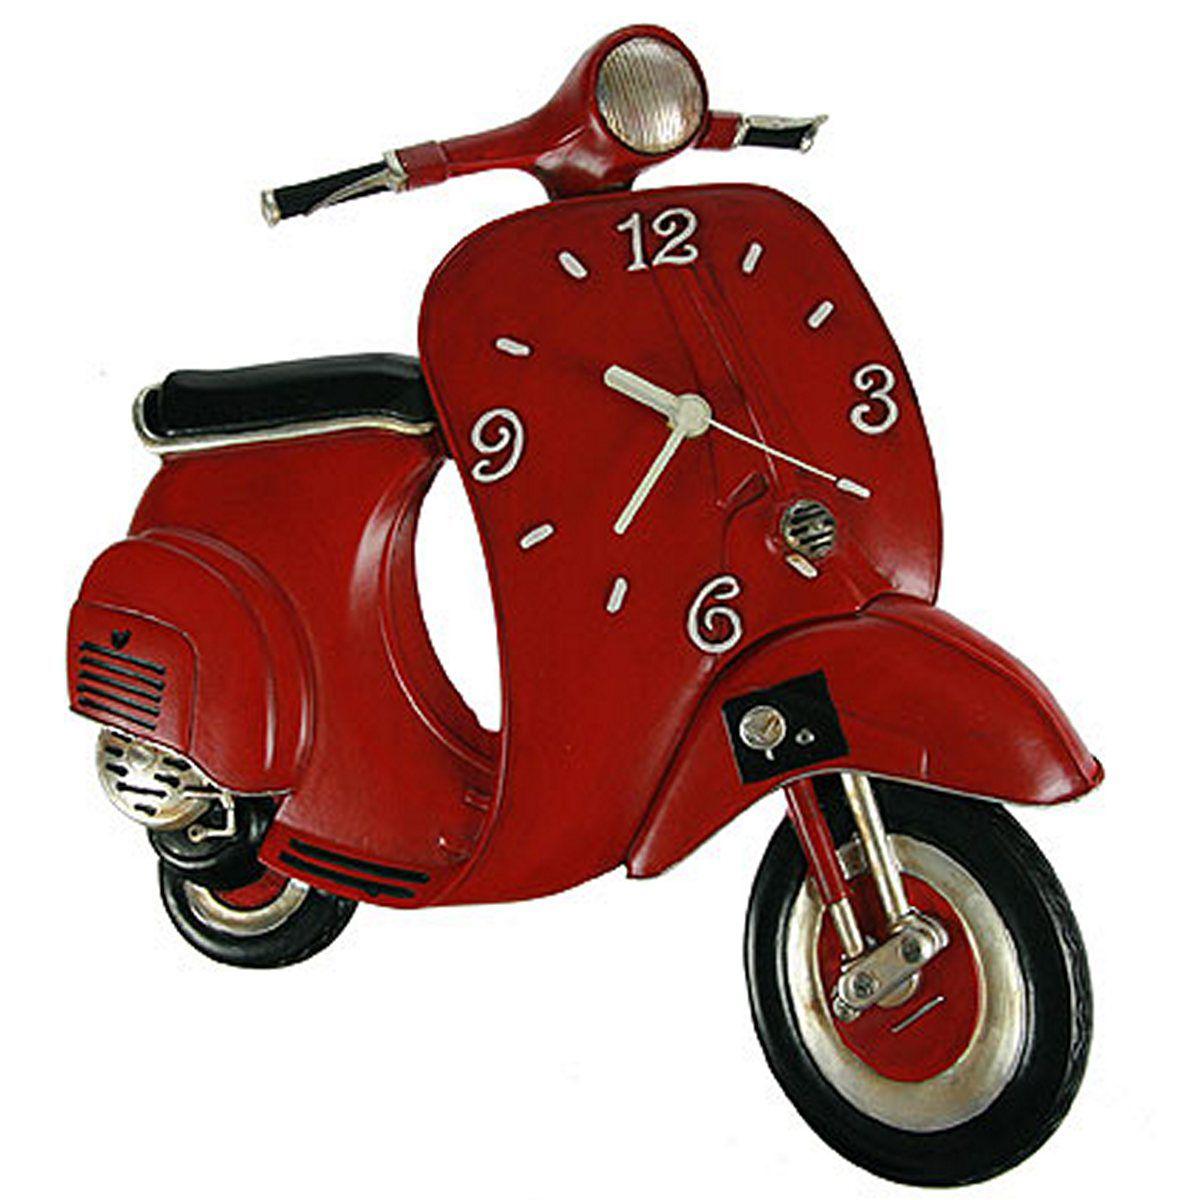 Часы настенные Русские Подарки Веспа, 32 х 7 х 37 см. 22486717619Настенные кварцевые часы Русские Подарки Веспа изготовлены из полистоуна. Корпус оригинально оформлен в виде мотороллера. Часы имеют три стрелки - часовую, минутную и секундную. С обратной стороны имеетсяпетелька для подвешивания на стену. Такие часы красиво и необычно оформят интерьер дома или офиса. Также часы могут стать уникальным, полезным подарком для родственников, коллег, знакомых и близких.Часы работают от батареек типа АА (в комплект не входят).